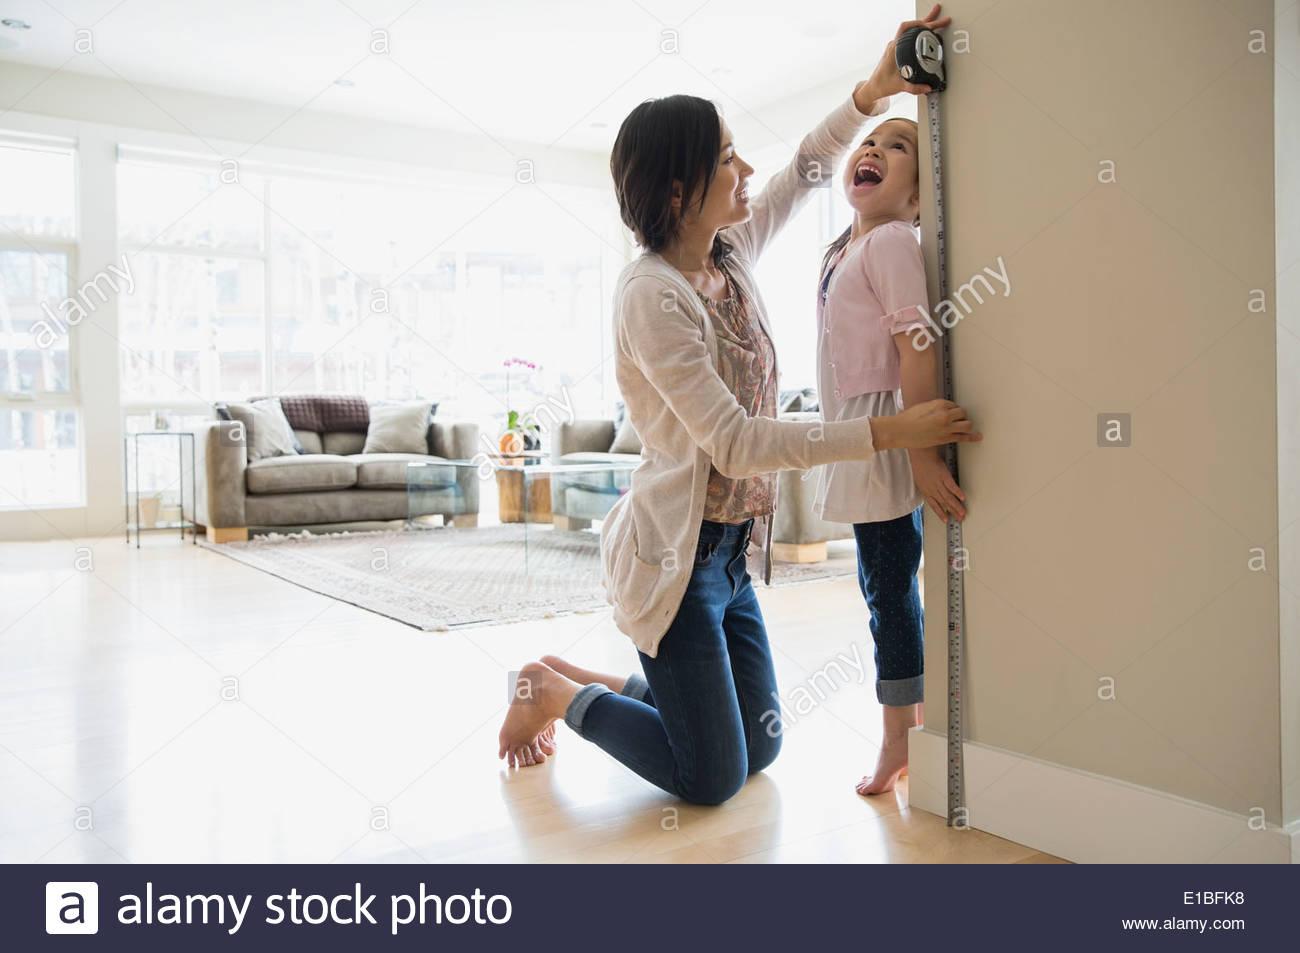 Mutter, die Messung der Höhe der Töchter im Wohnzimmer Stockfoto